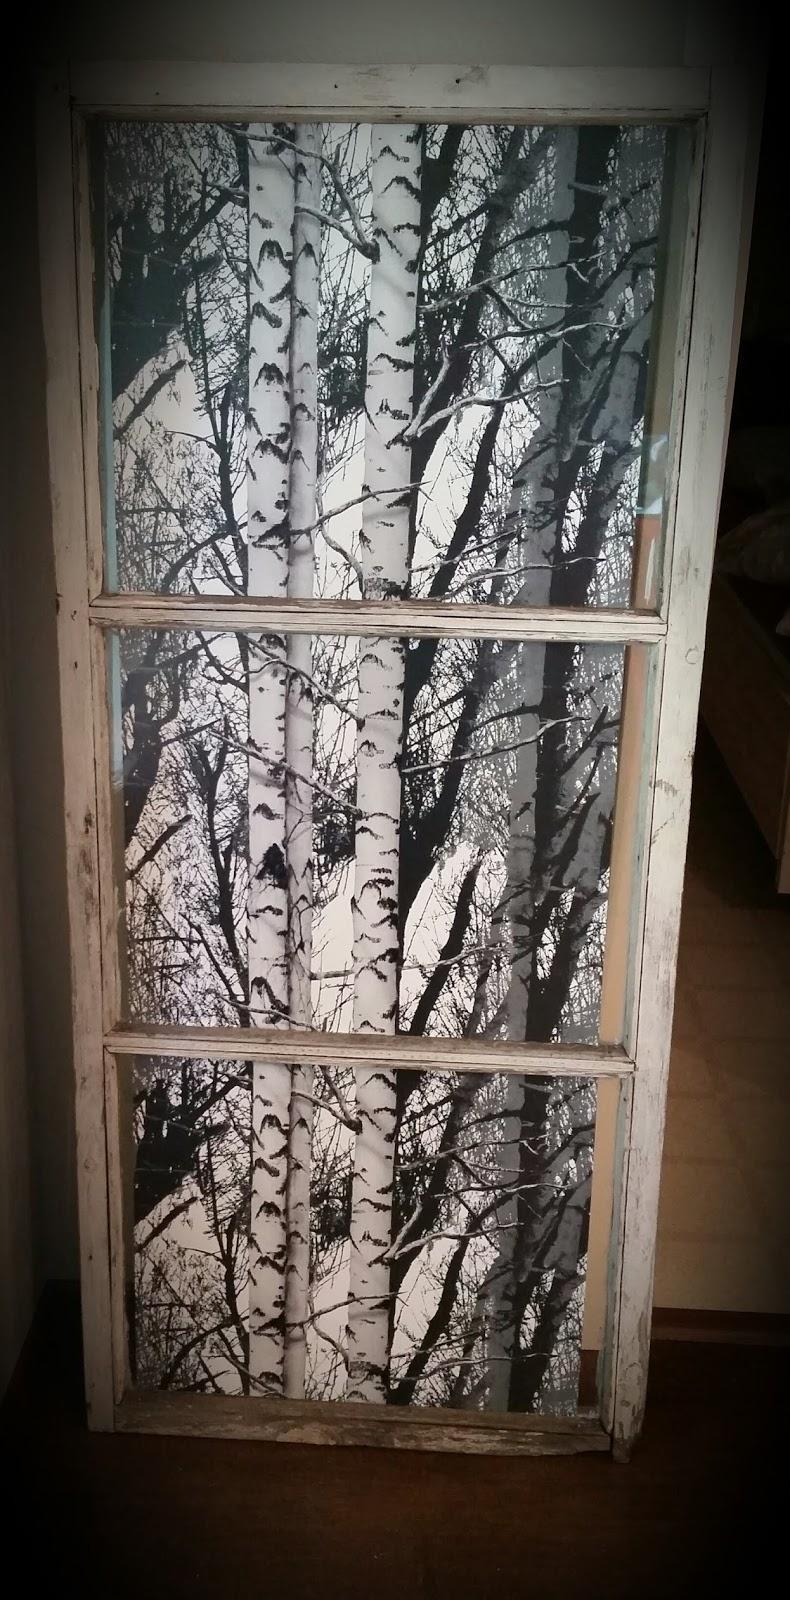 puuta ja puuliimaa ikkunapokat ja dc fix. Black Bedroom Furniture Sets. Home Design Ideas